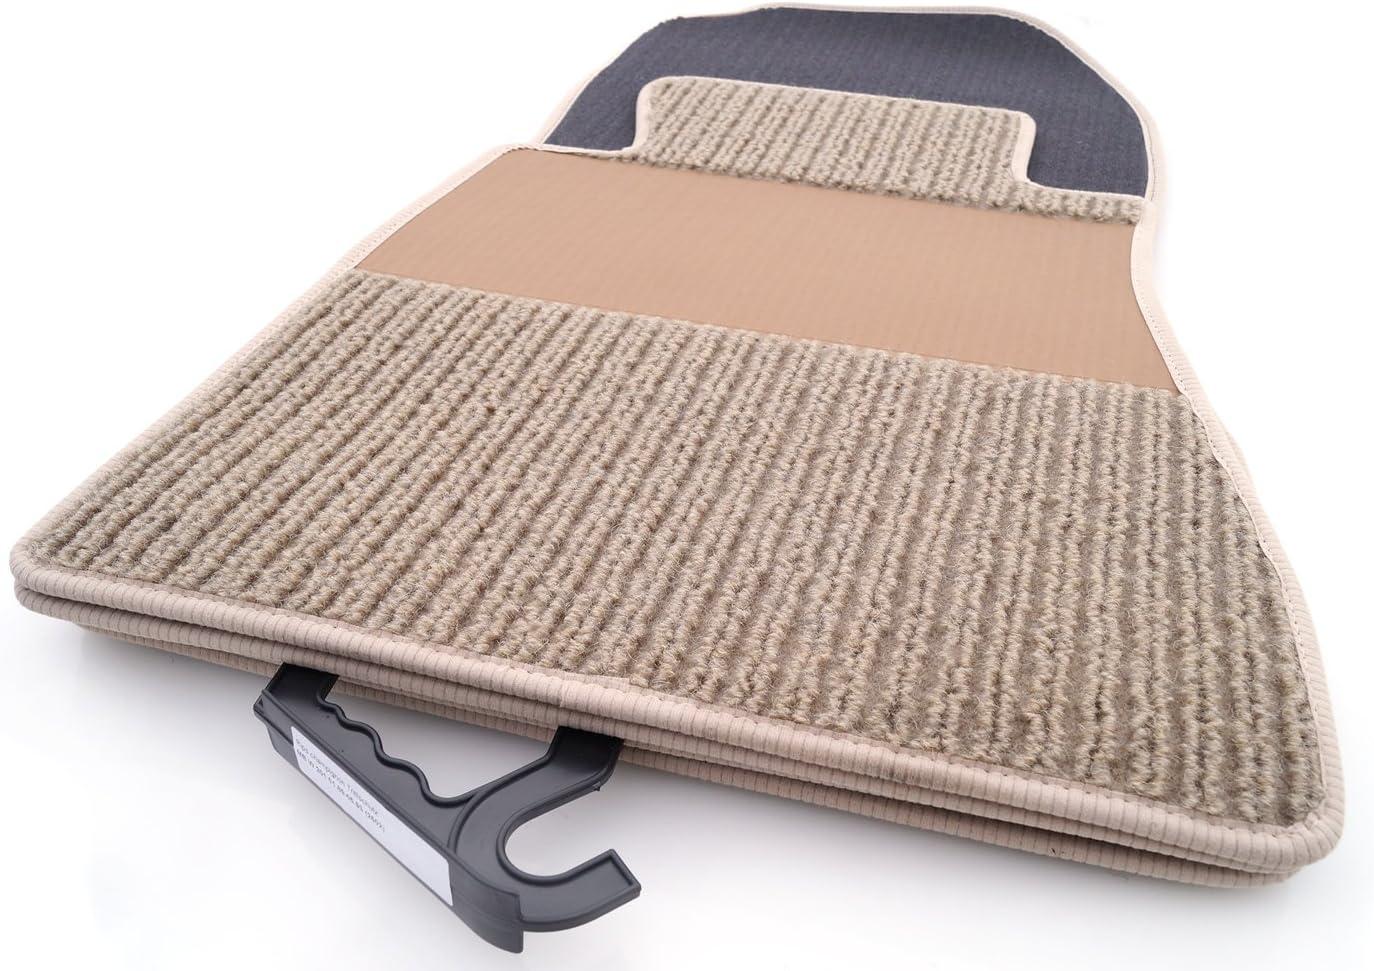 Kh Teile Fußmatten Rips Automatten Original Qualität Ripsmatten 4 Teilig Beige Mit Absatzschoner Auto